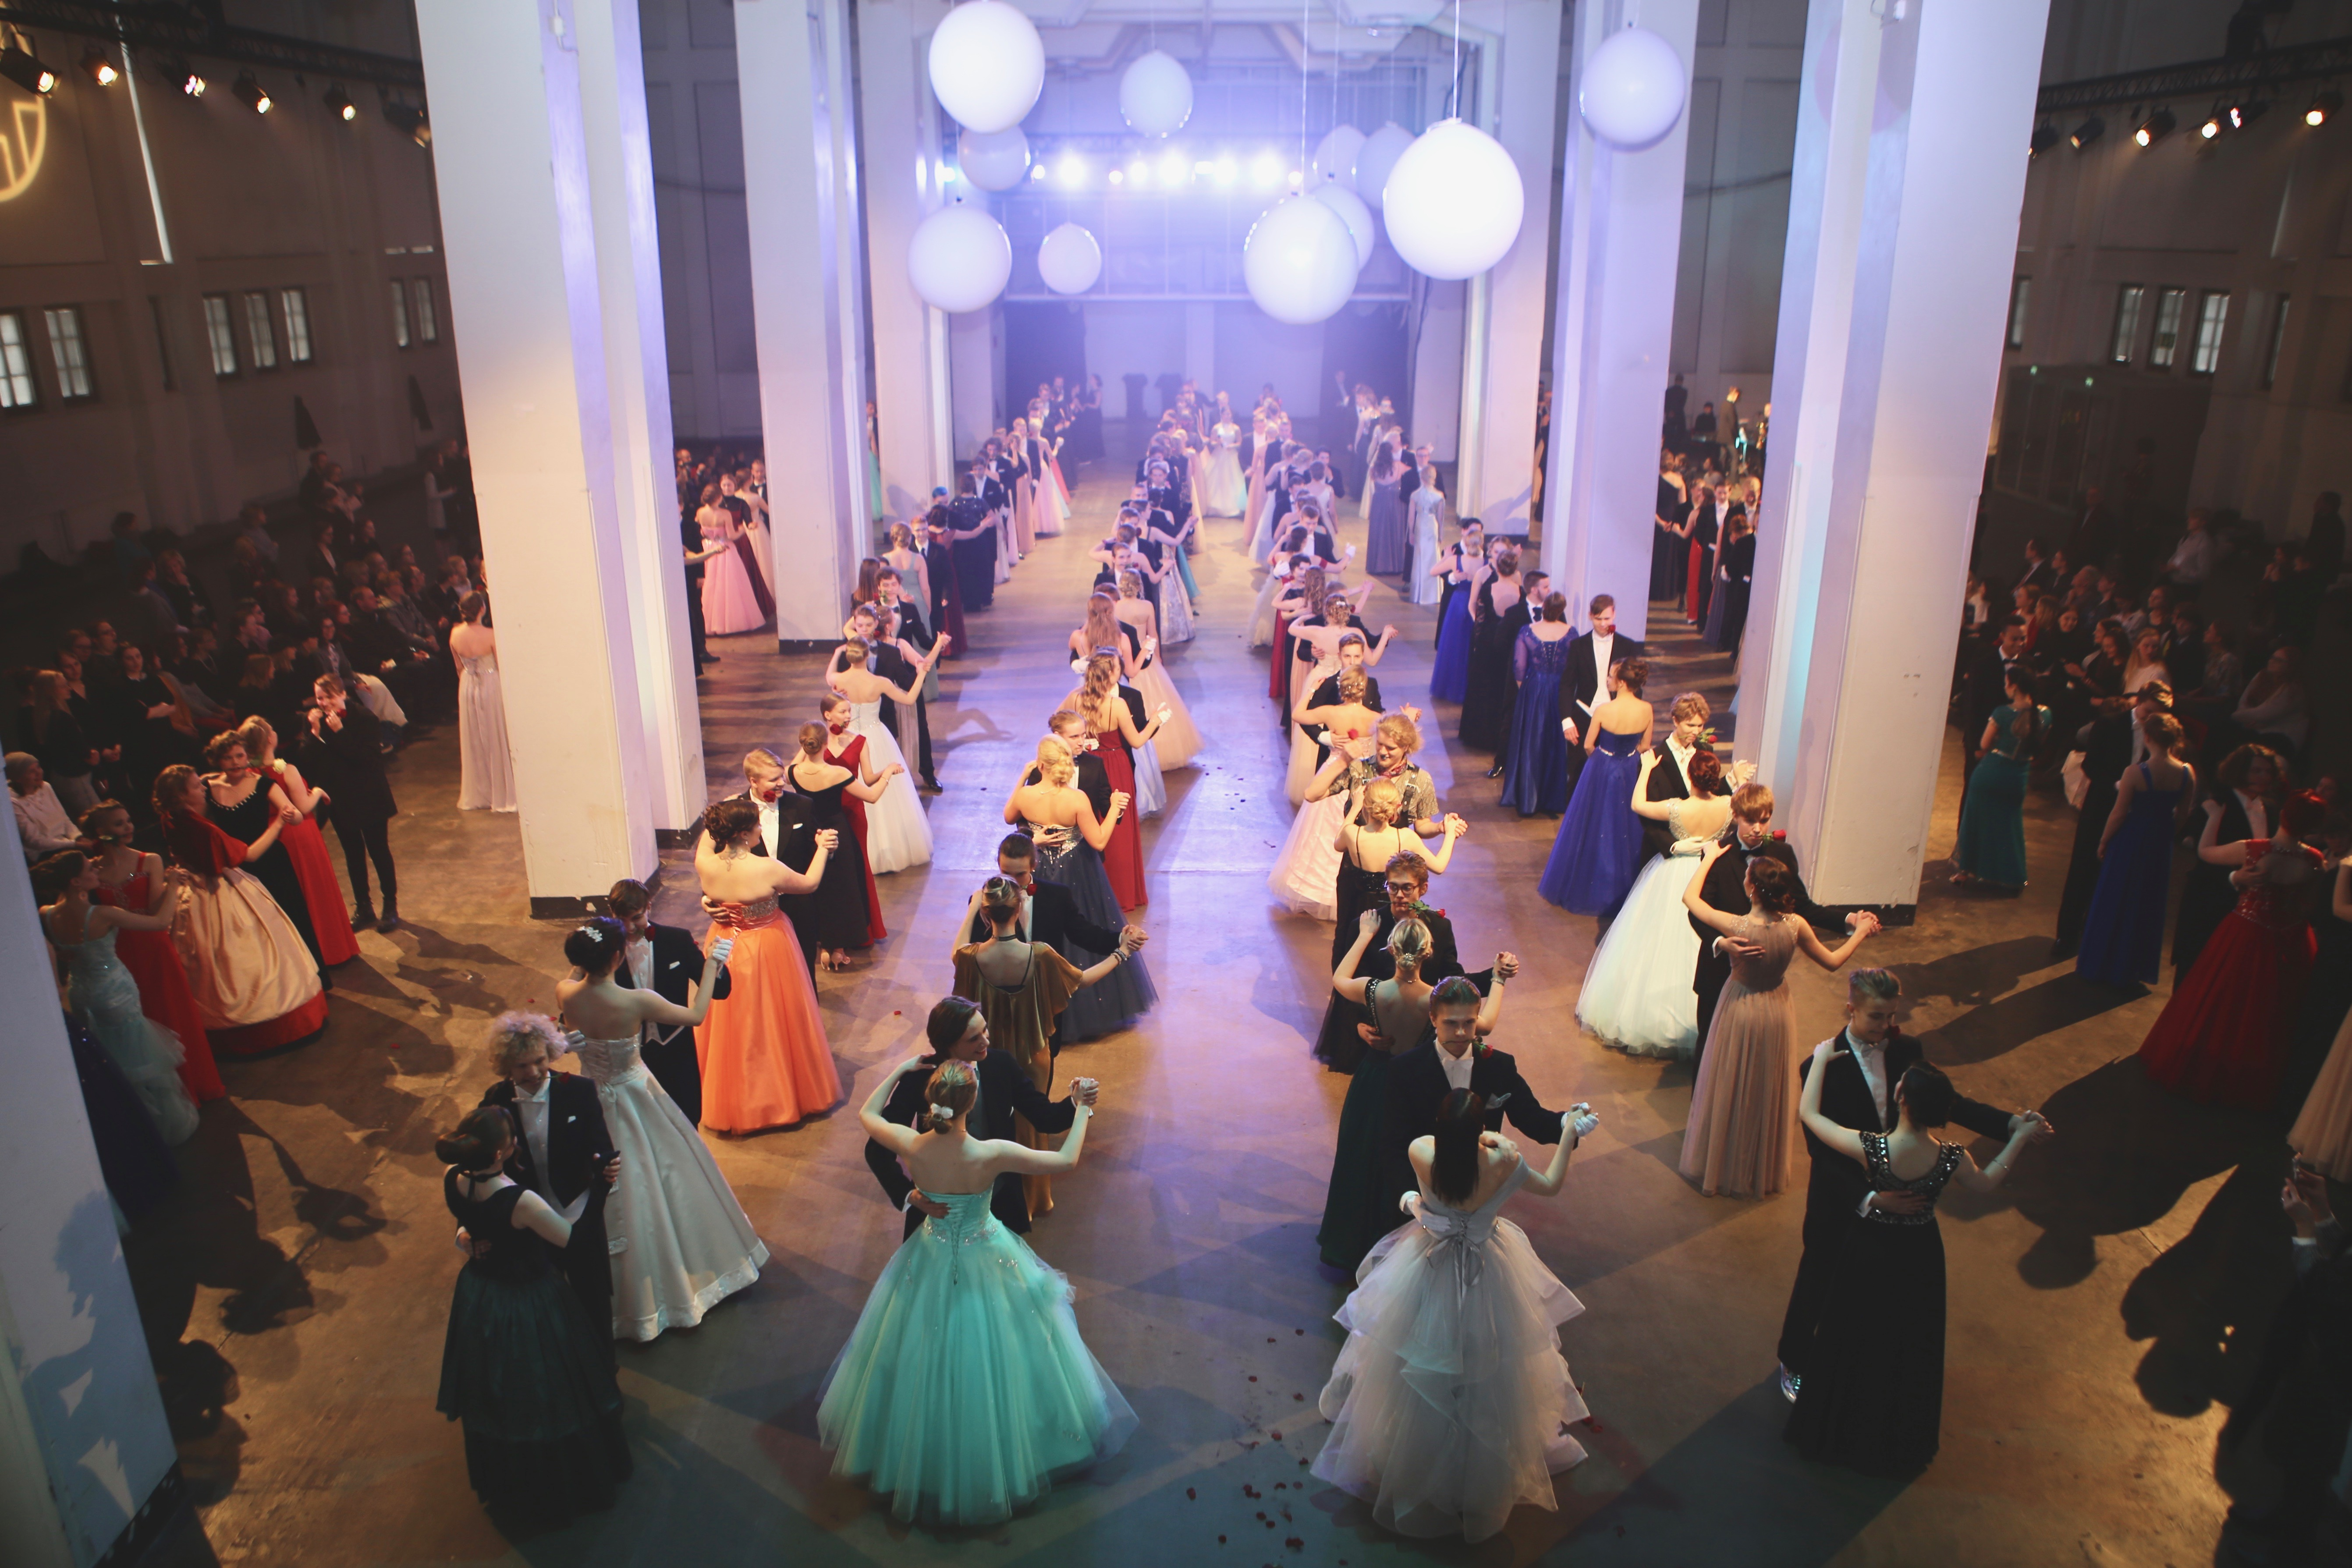 Lahden lukioissa esiintyy lähes 300 tanssiparia - vanhojen tansseja pääsee seuraamaan Suurhallissa perjantaina